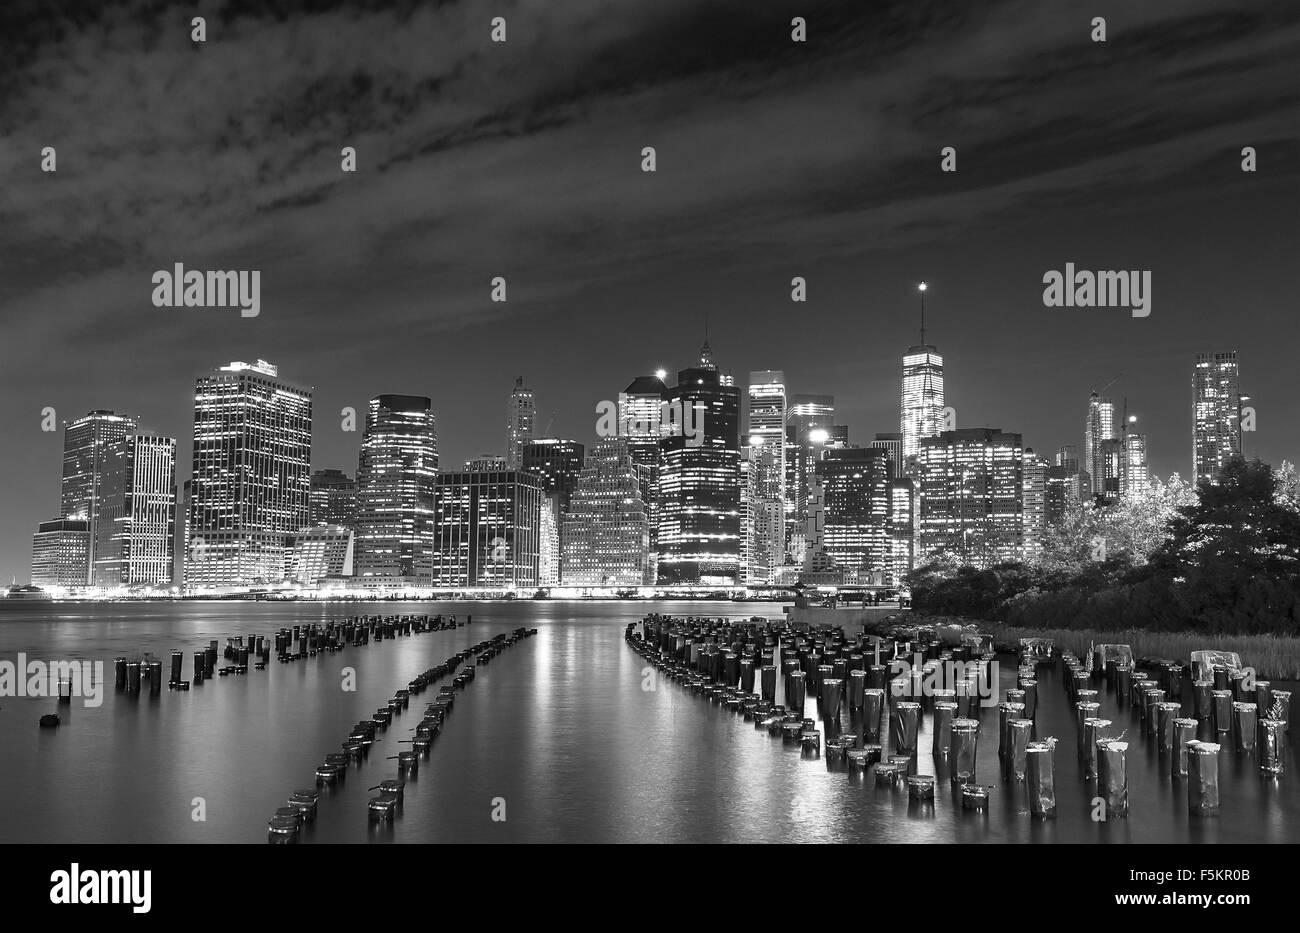 Photo en noir et blanc de nuit à bord de Manhattan, New York City, USA. Photo Stock